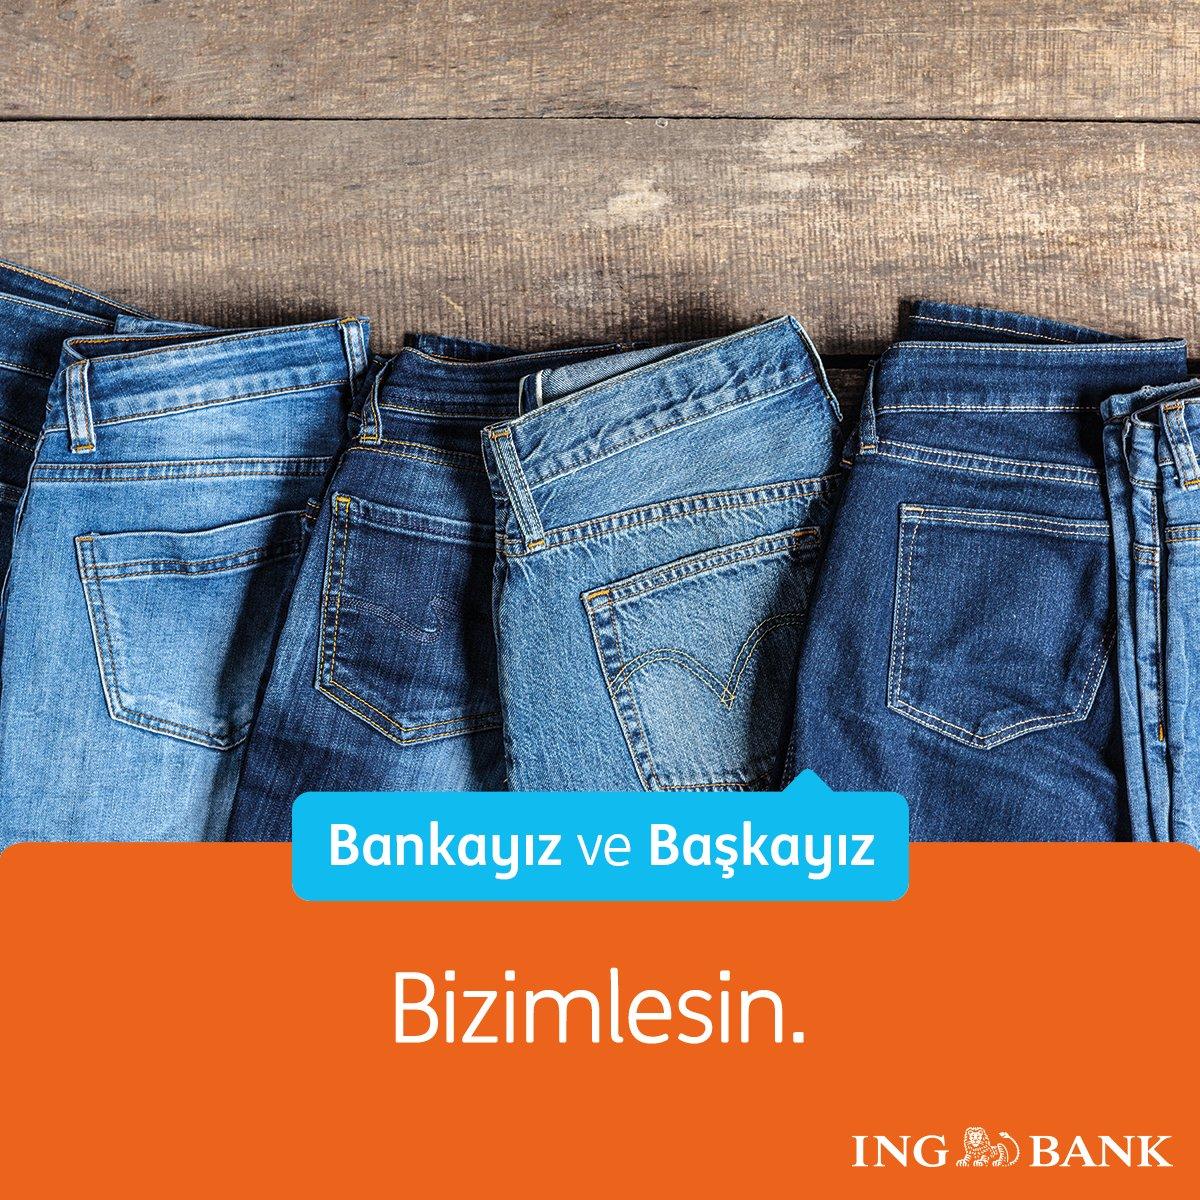 ING Bank'tan Eski Köye Yeni Bir Adet Daha: Şube Çalışanları da İşe Kotla Gidilebilecek!